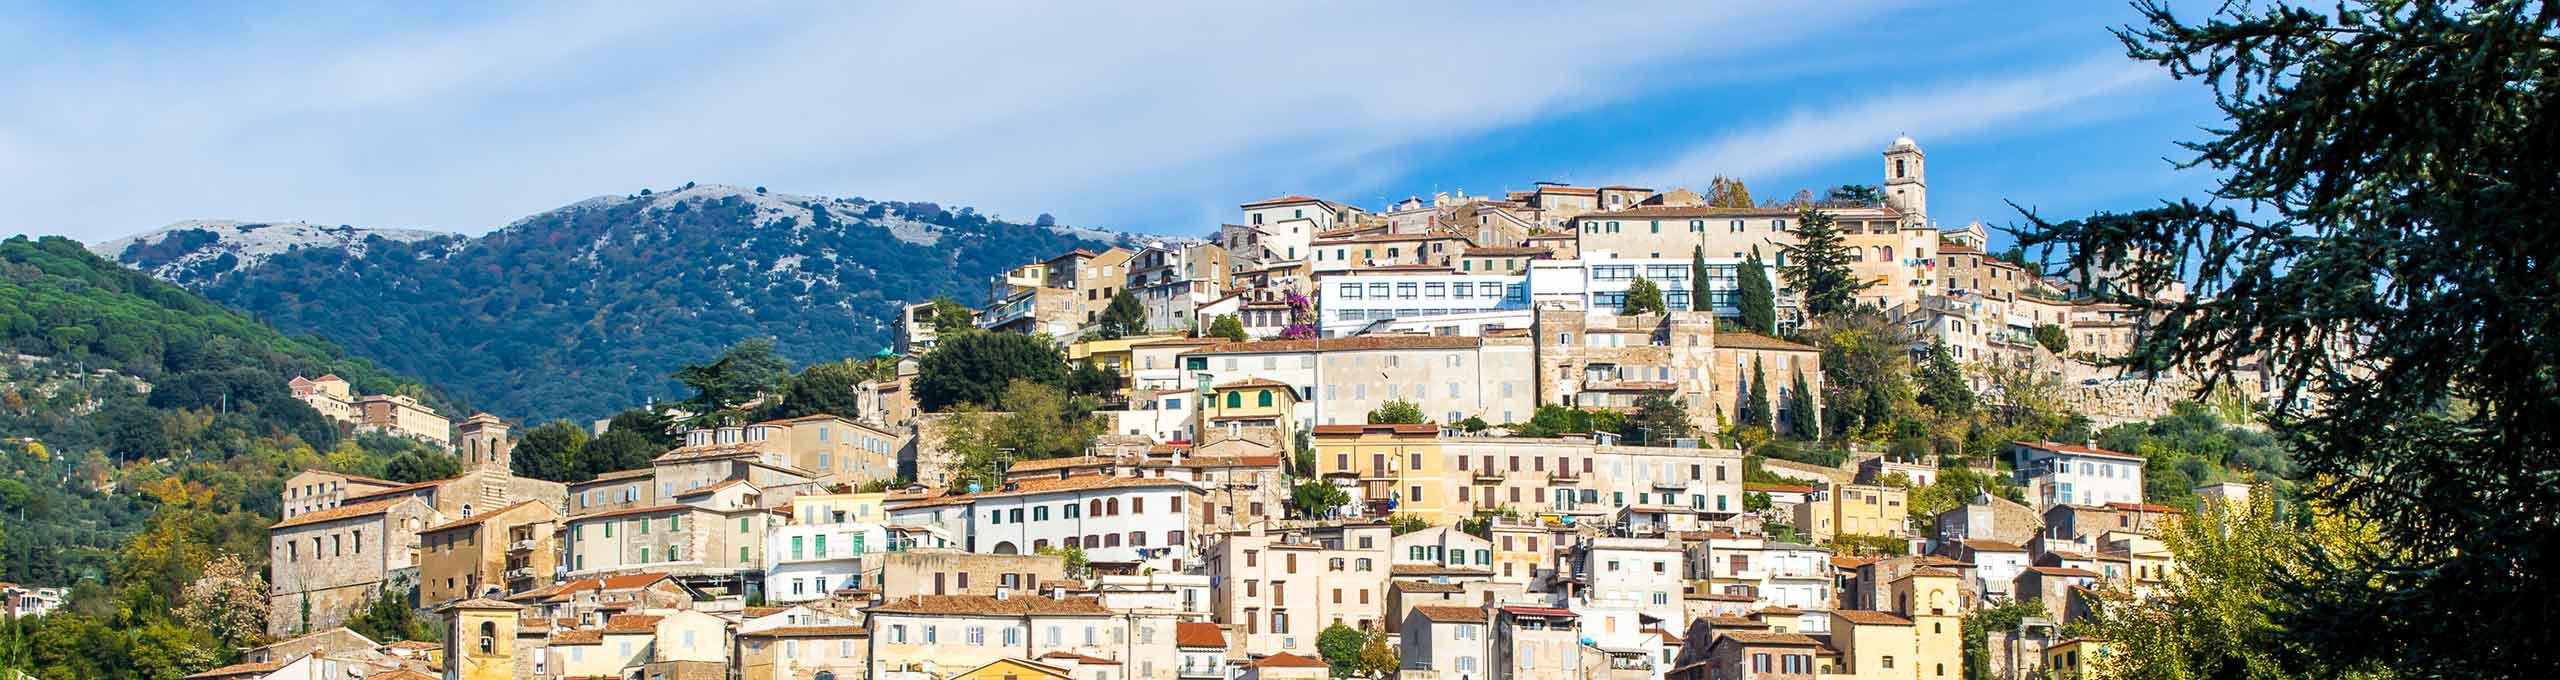 Cori, Riviera di Ulisse, Lazio